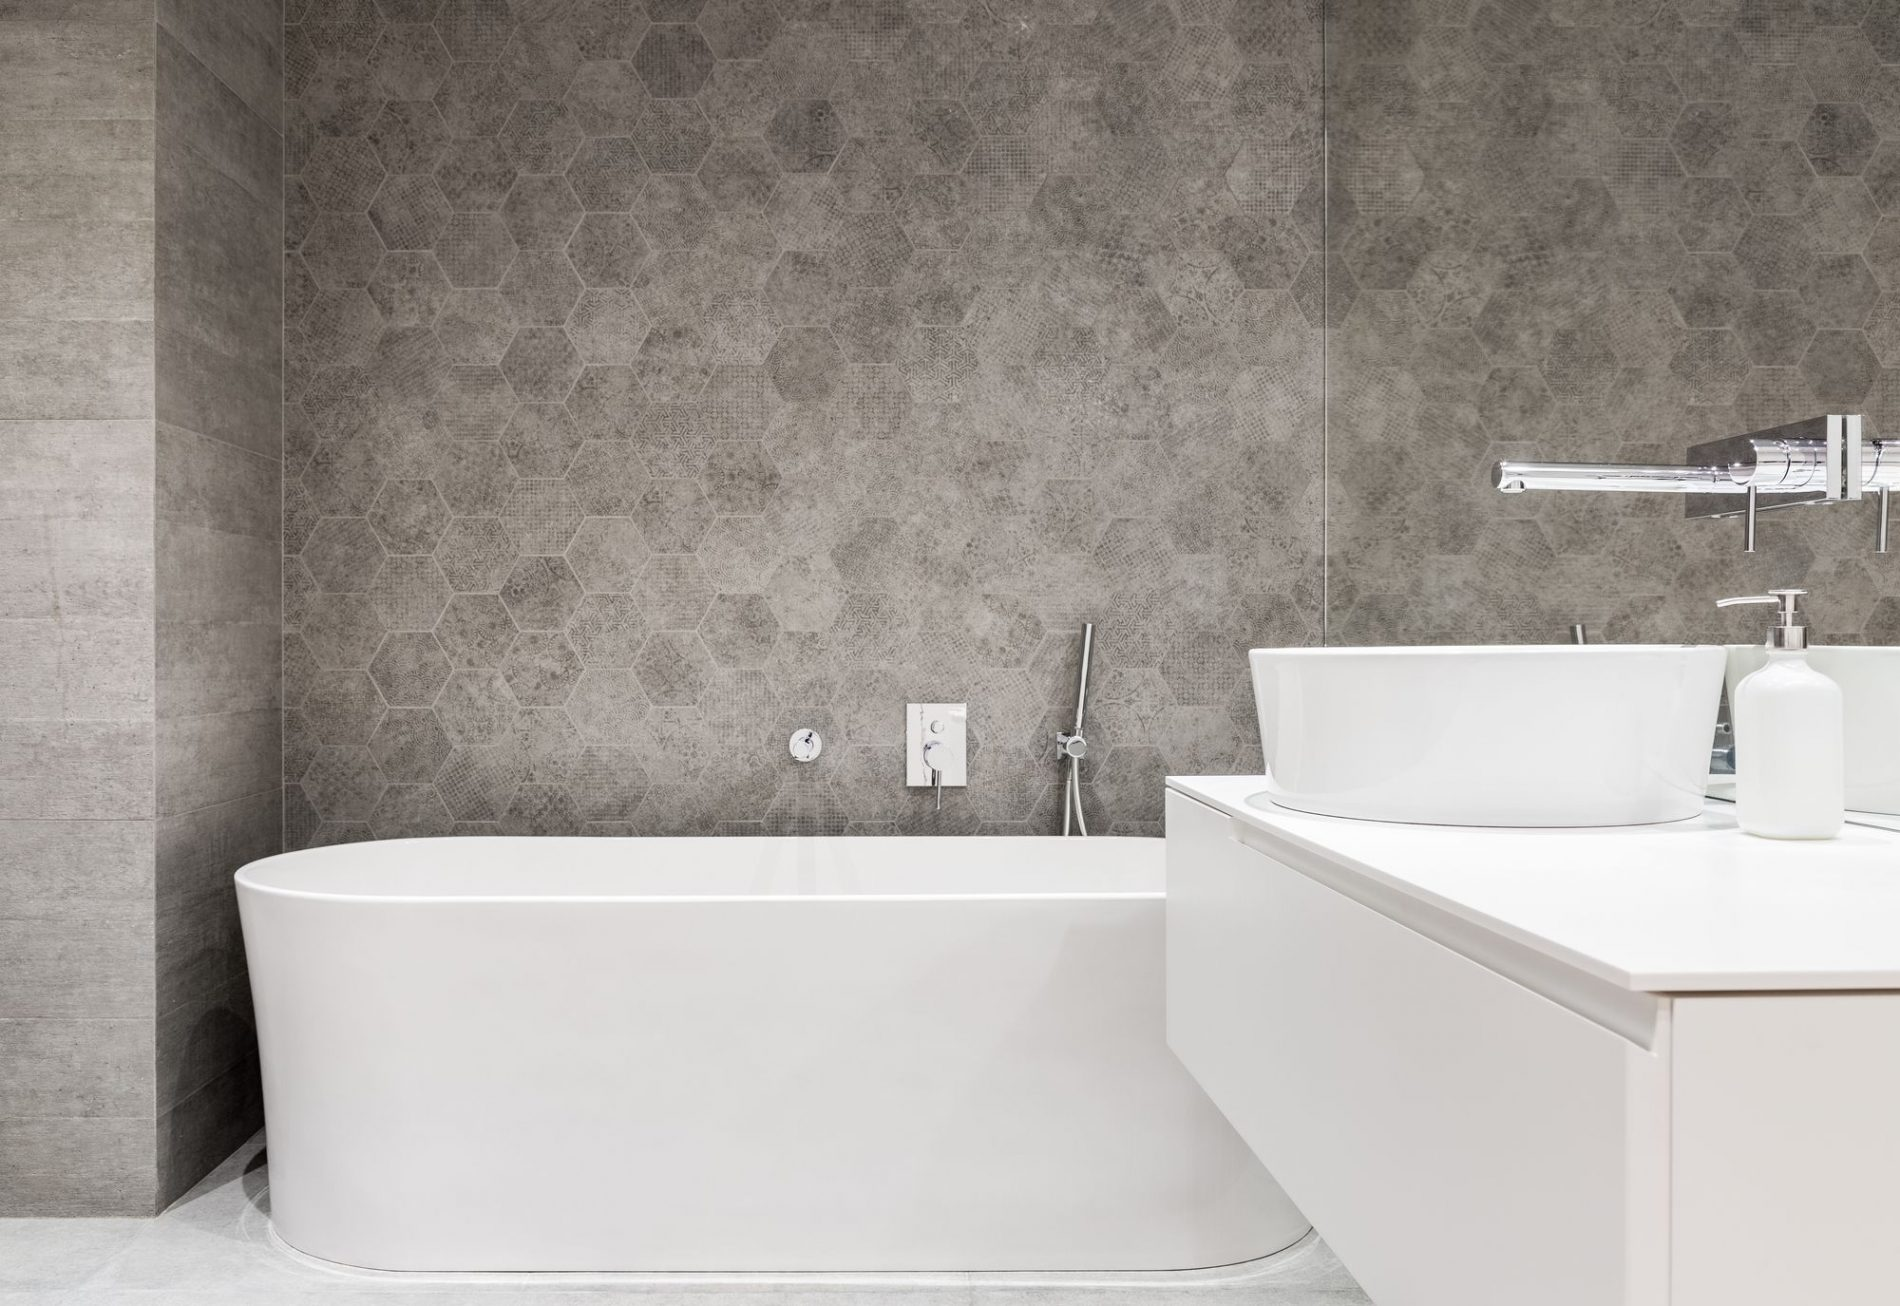 Comment peindre son carrelage de salle de bains - Comment peindre carrelage salle de bain ...